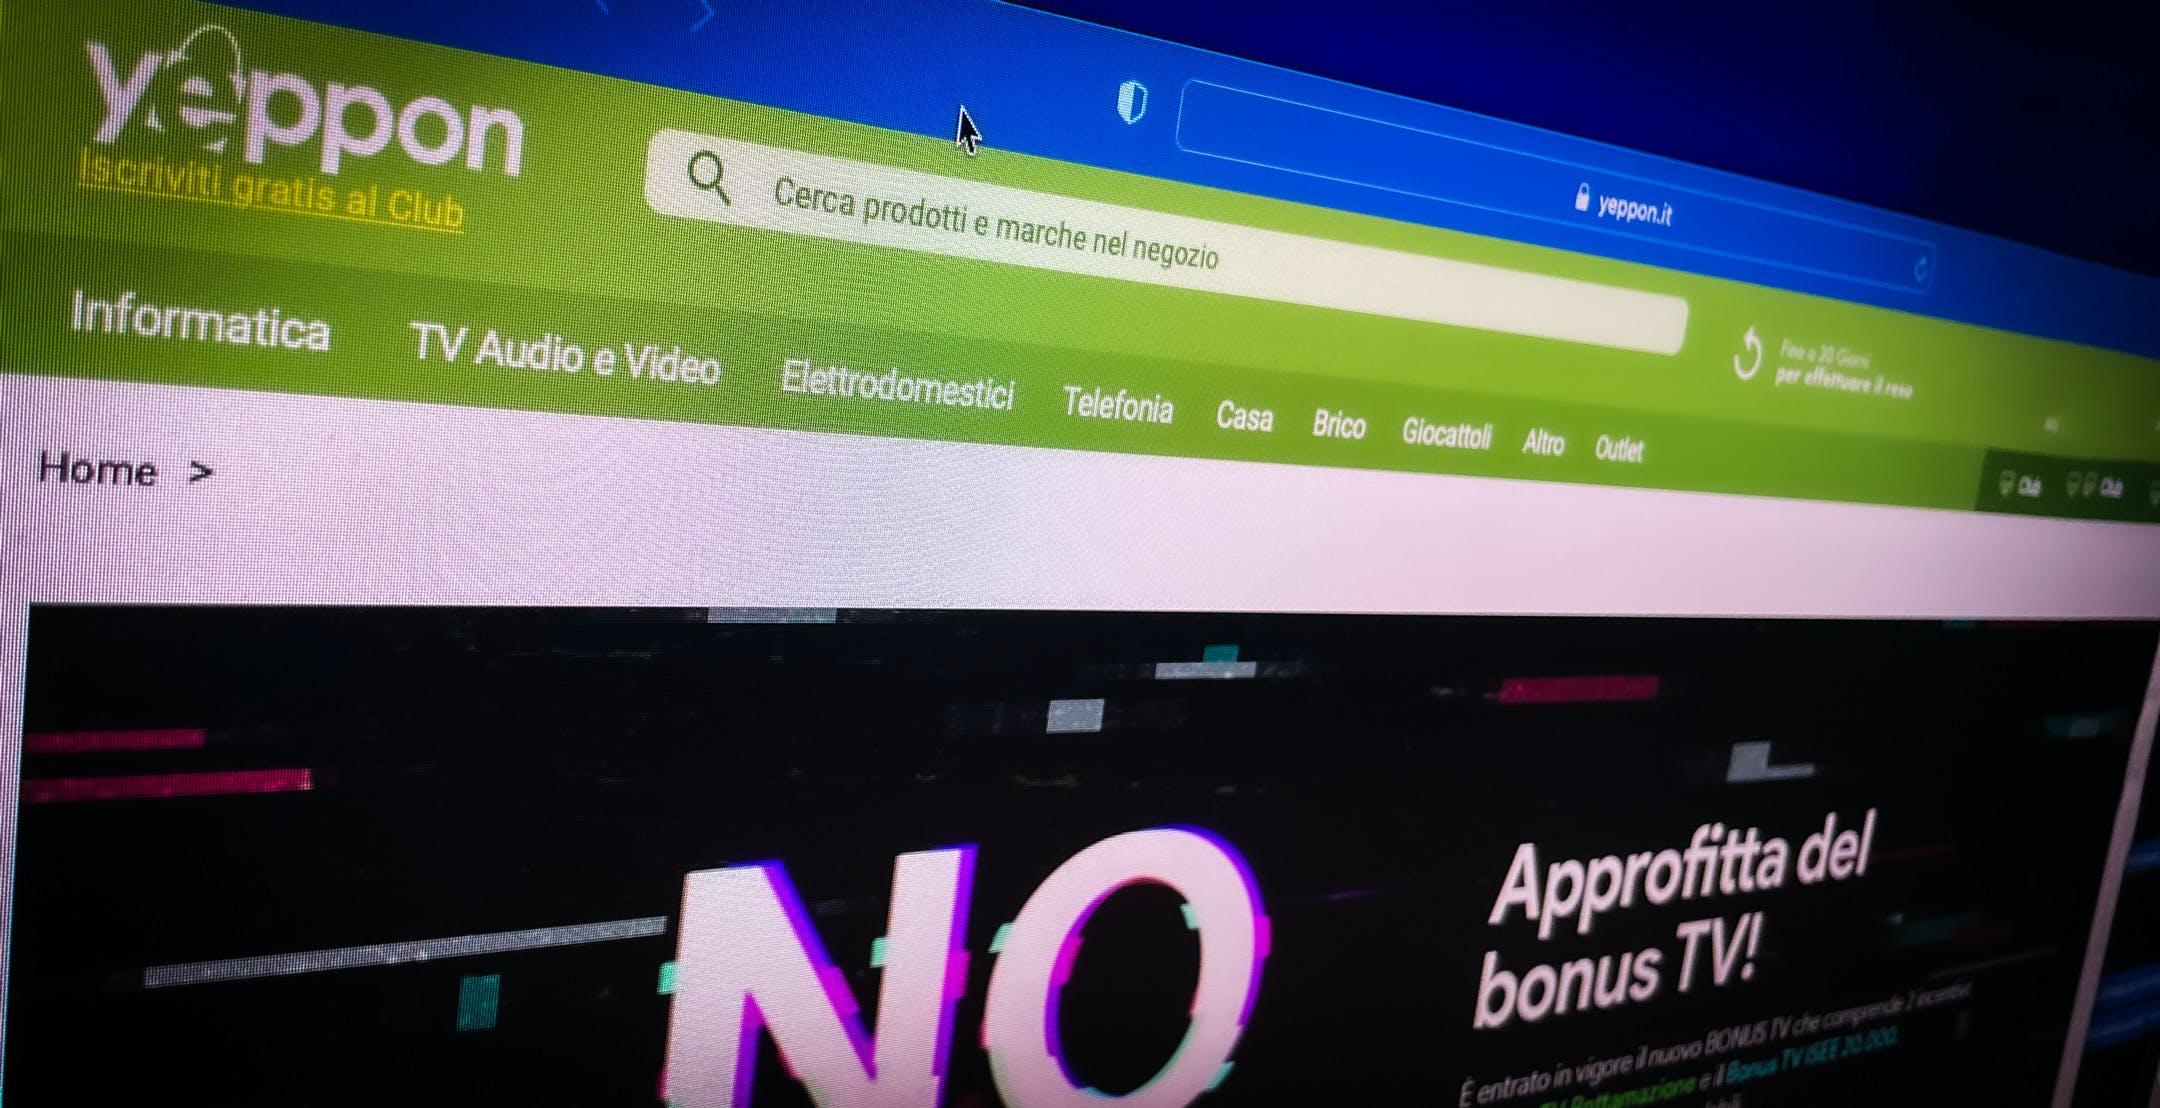 Yeppon meglio di Amazon: ora il Bonus TV si può richiedere e ottenere anche online